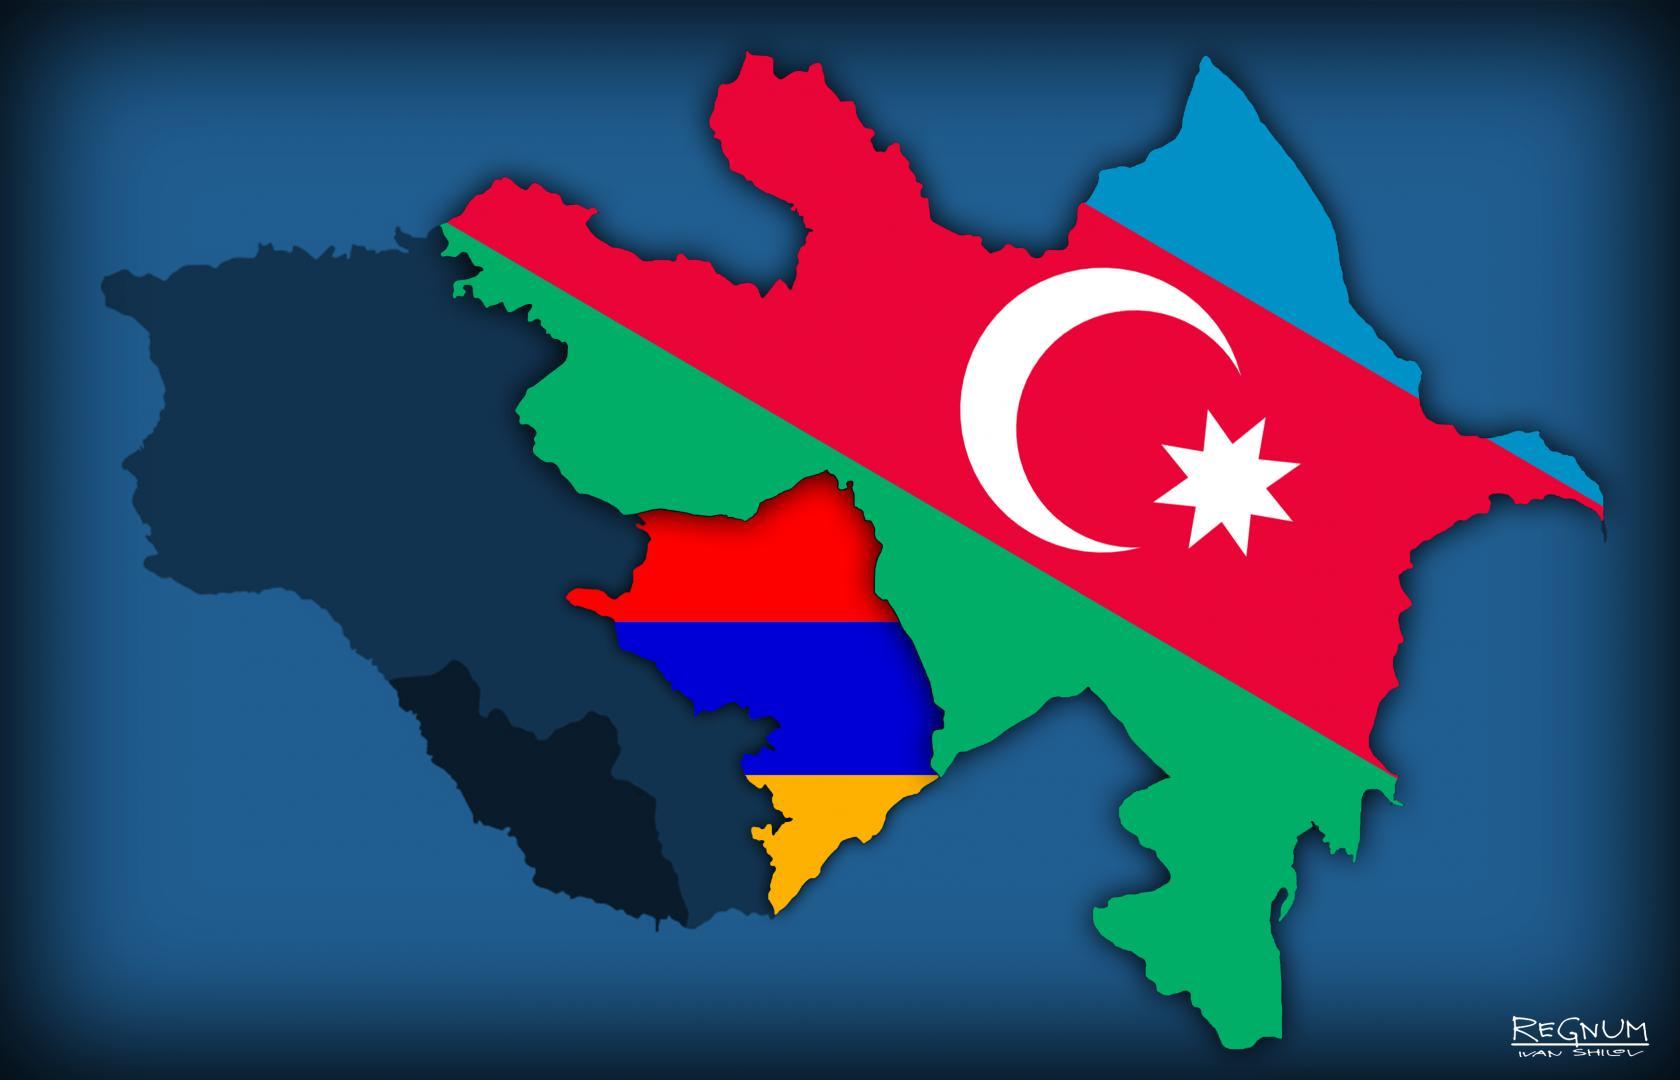 В Ереване назвали провокацией запланированные учения Азербайджана и Турции